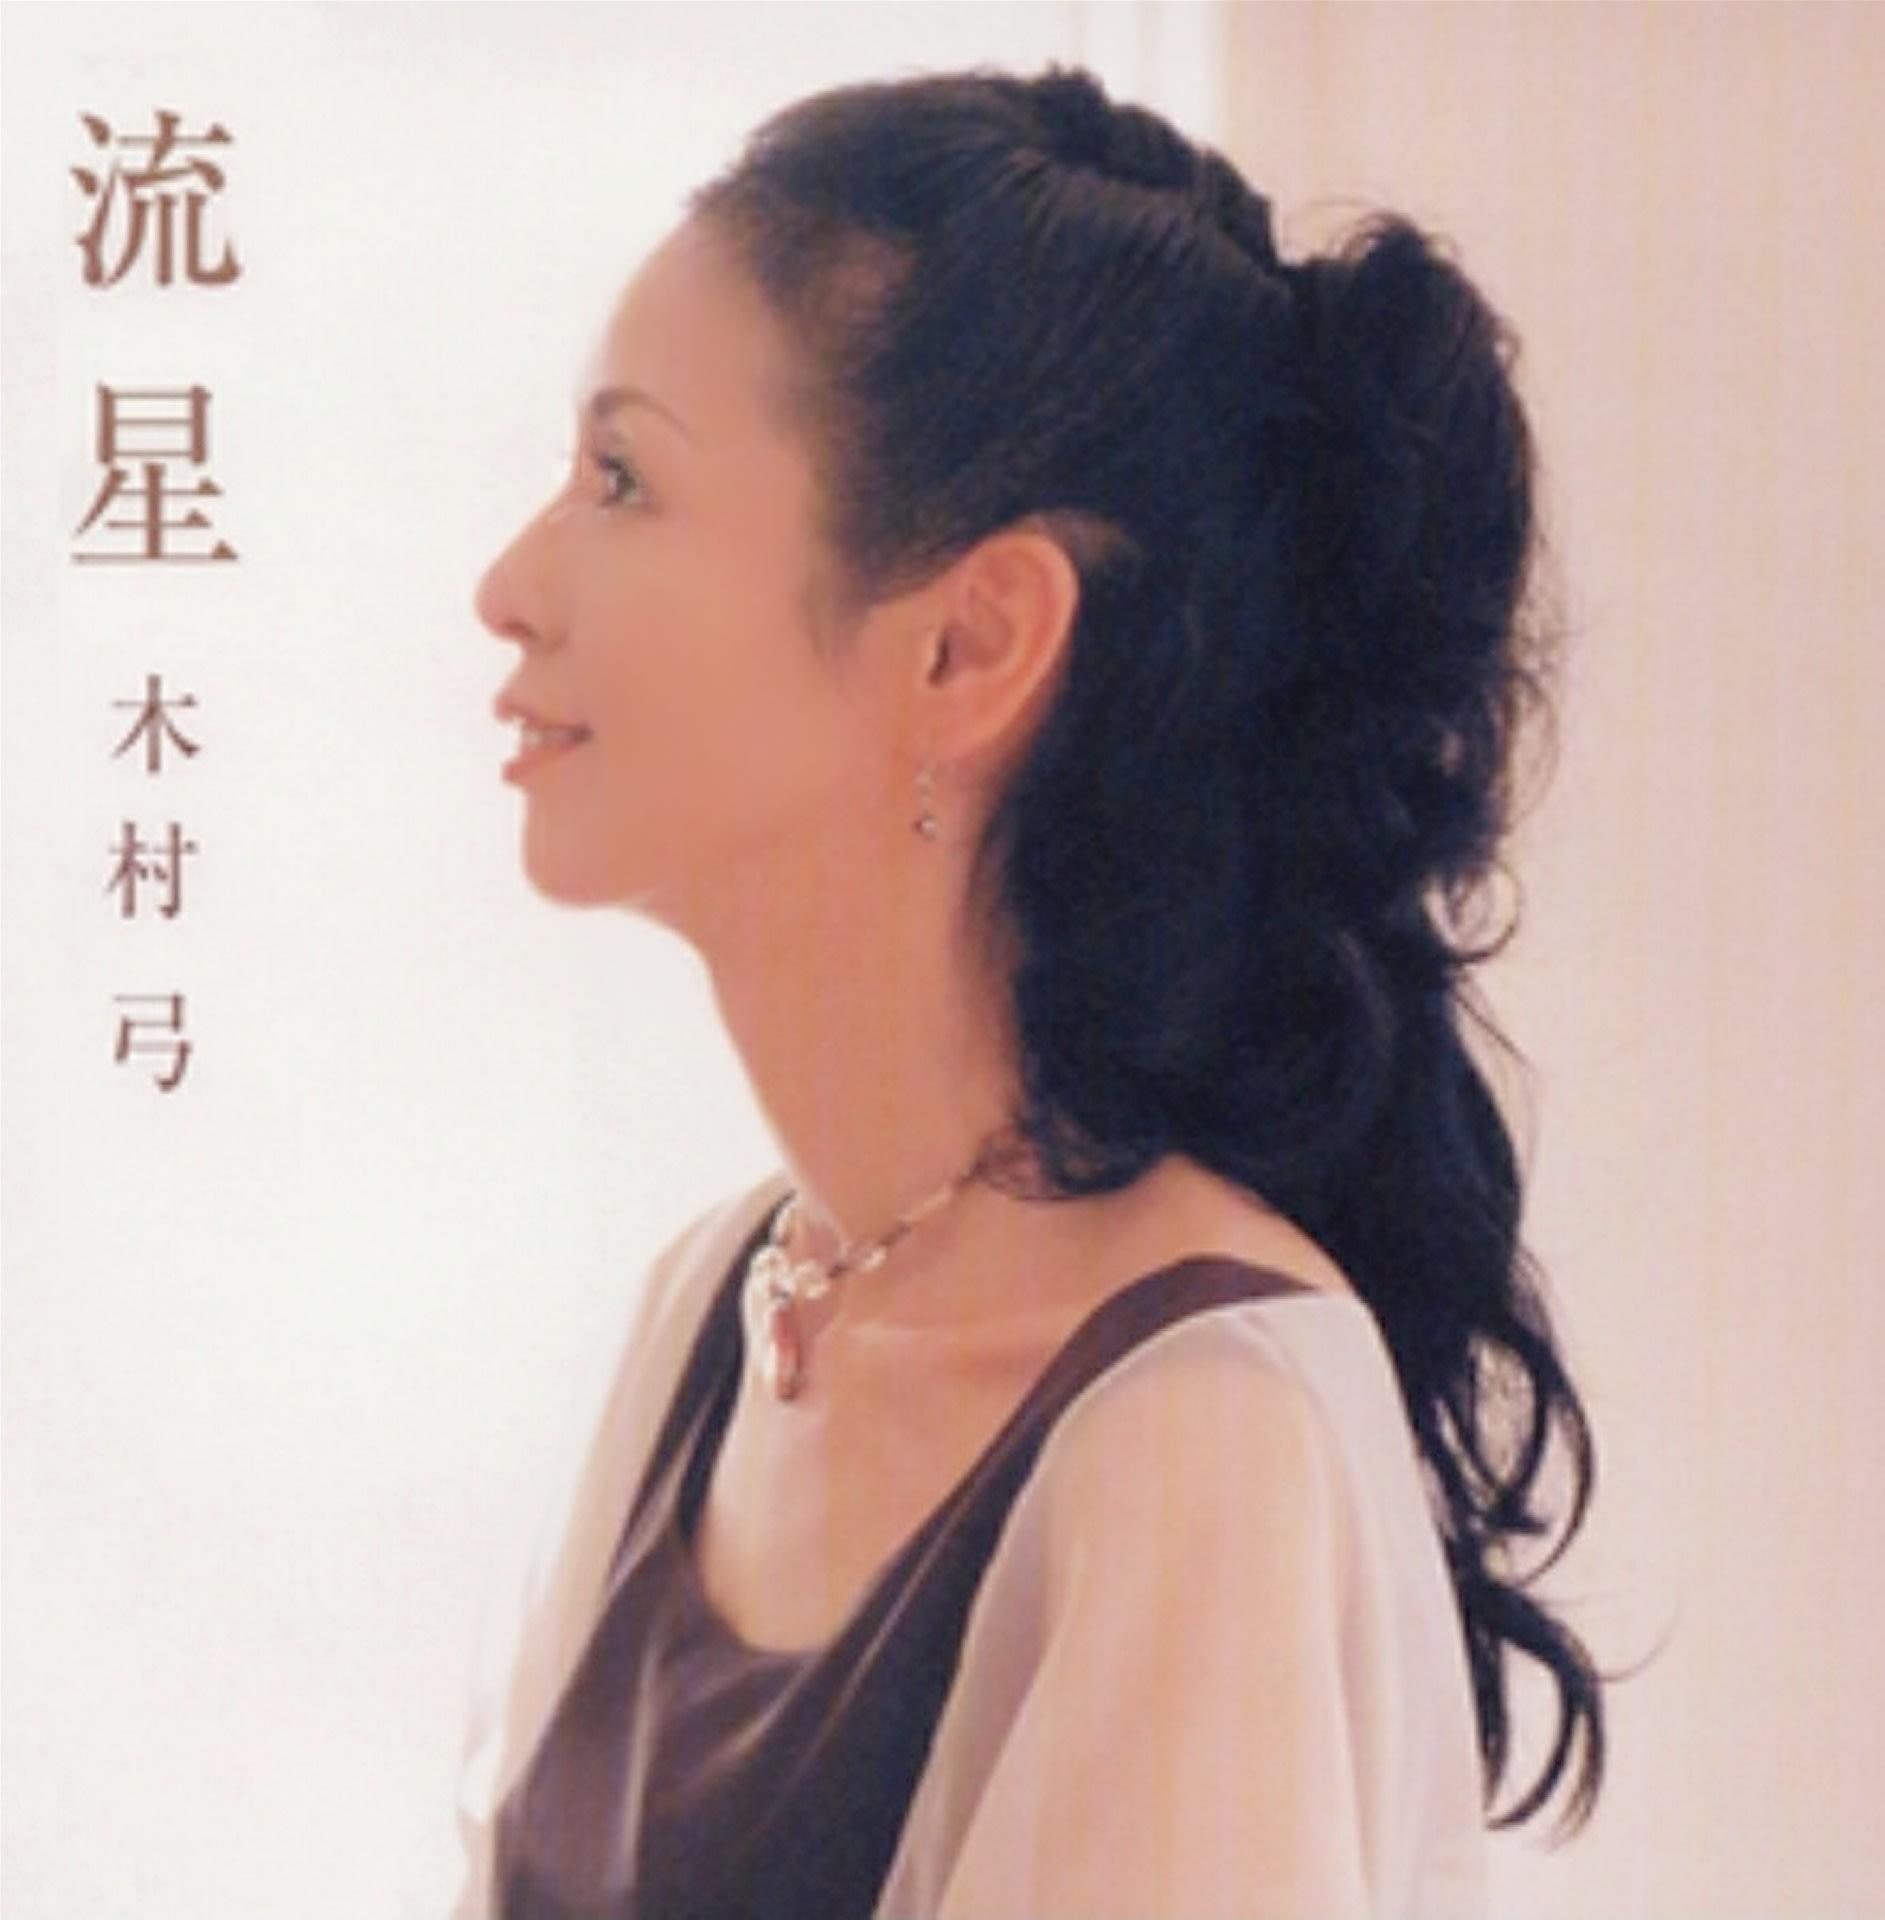 木村弓 直筆サイン入りCD「流星」の画像